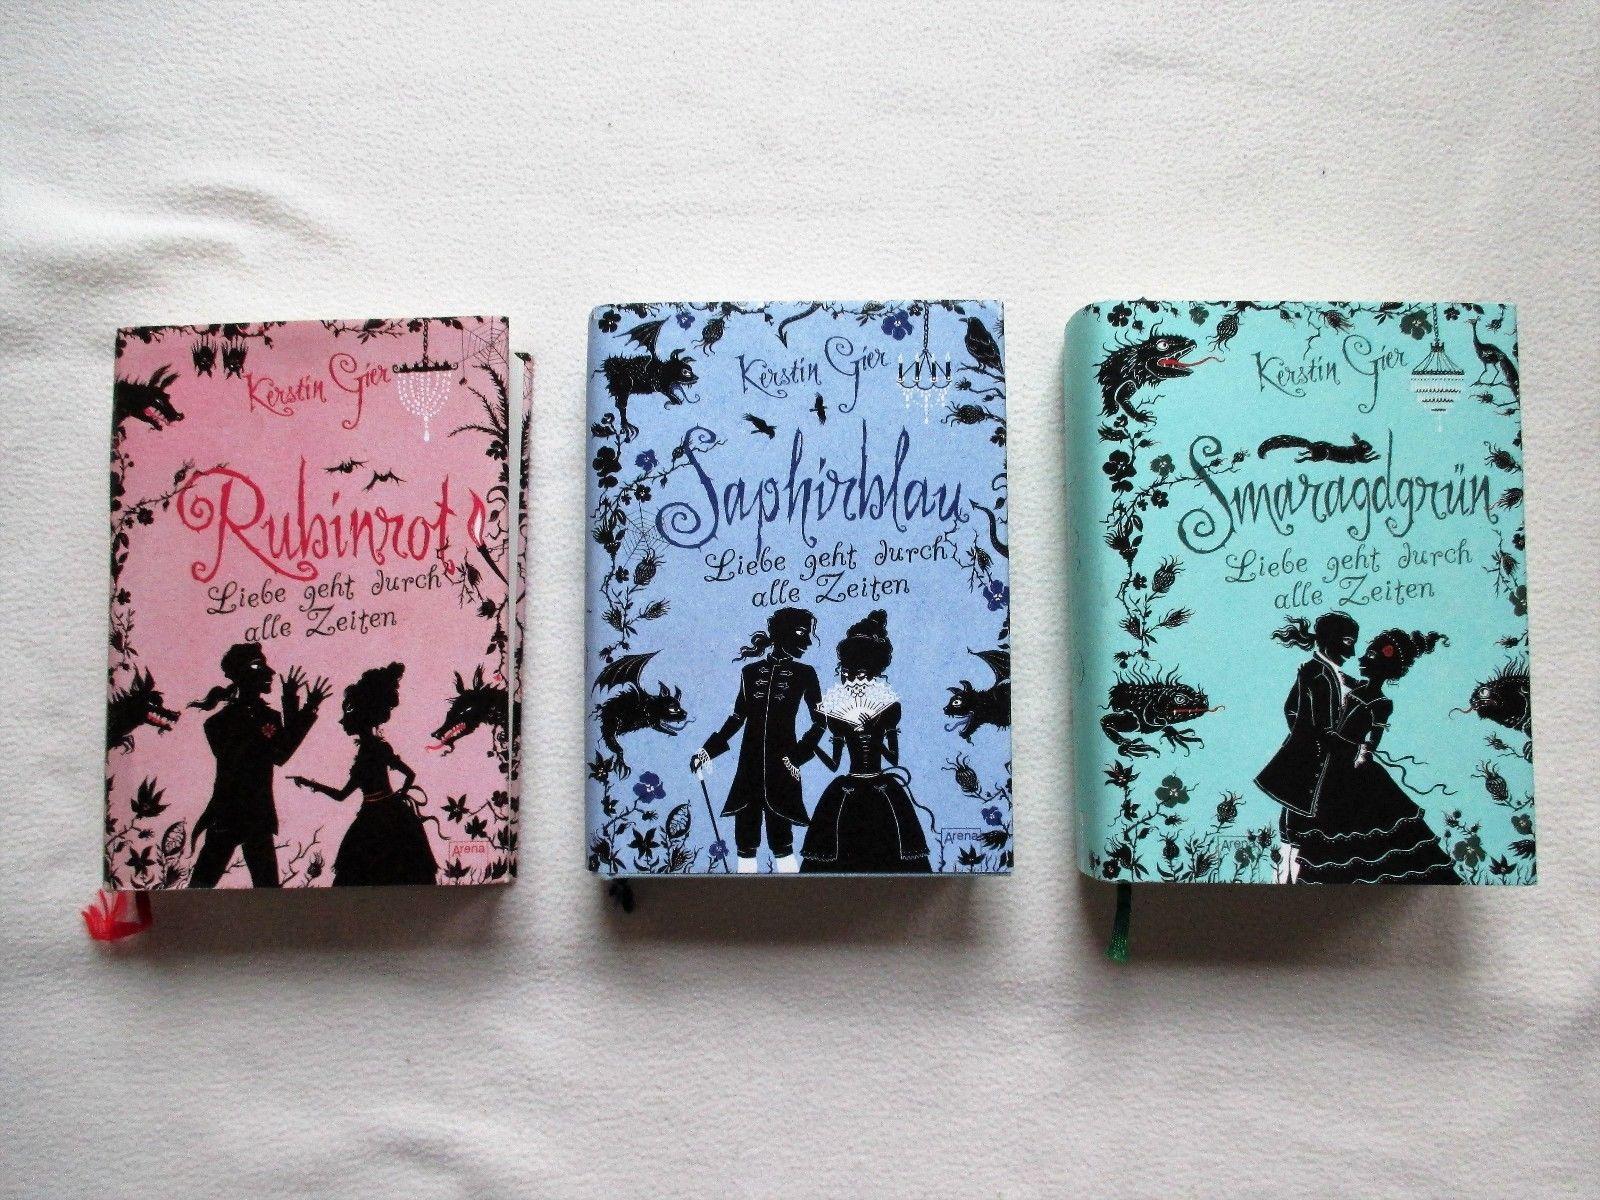 Saphirblau/Rubinrot/Smaragdgrün  Kerstin Gier Bücherpaket/Jugendbücher   3 Bände